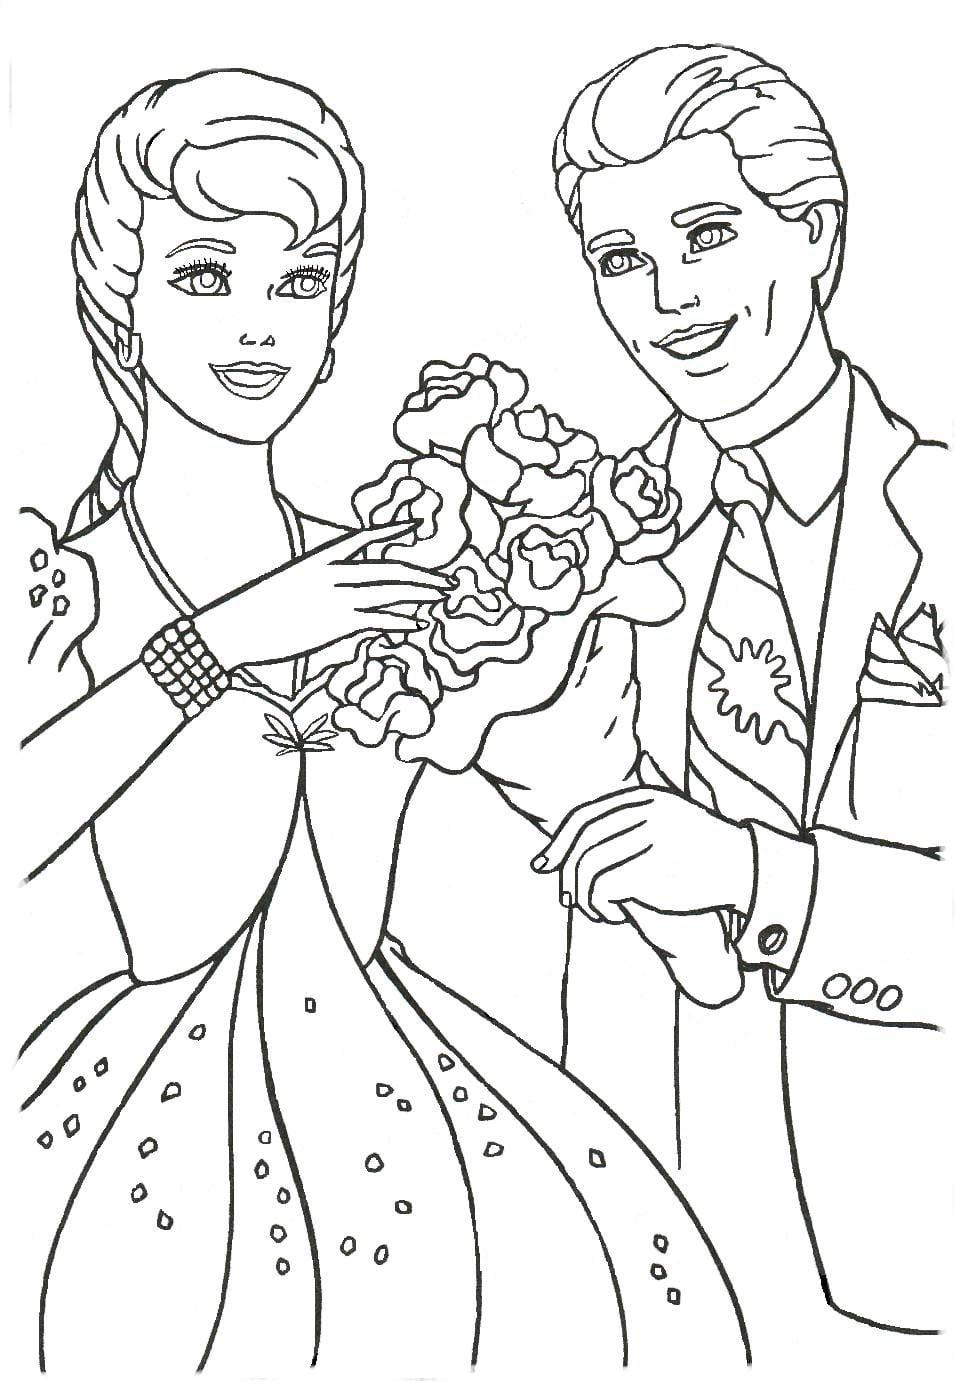 Desenho De Ken Dando Buquê De Flores à Barbie Para Colorir